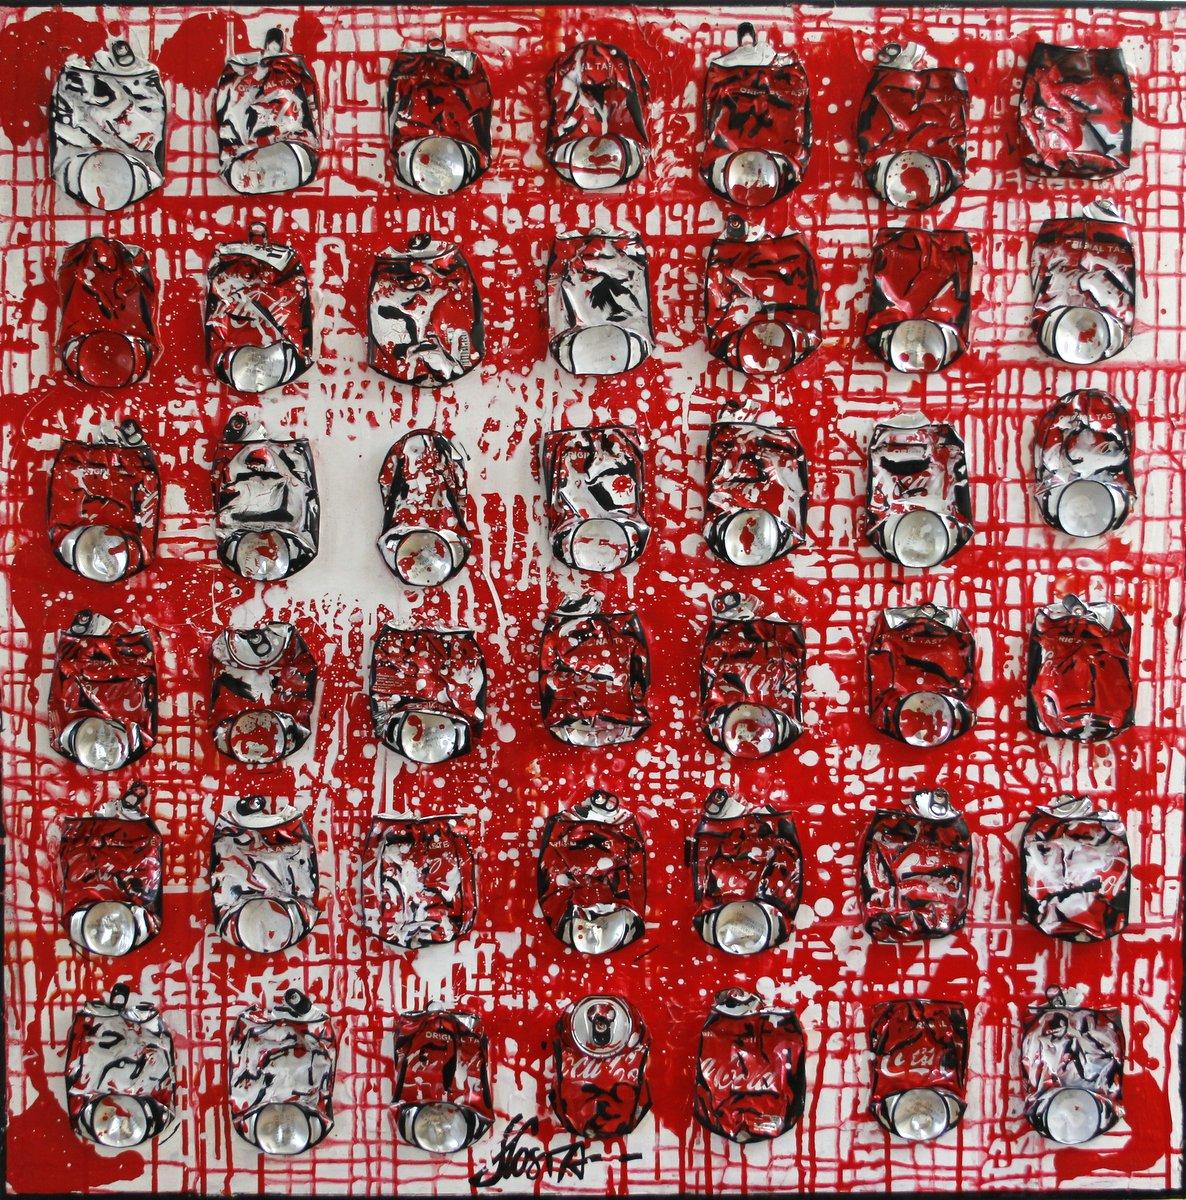 collage, canettes compressées Tableau Contemporain, WHITE ON RED. Sophie Costa, artiste peintre.